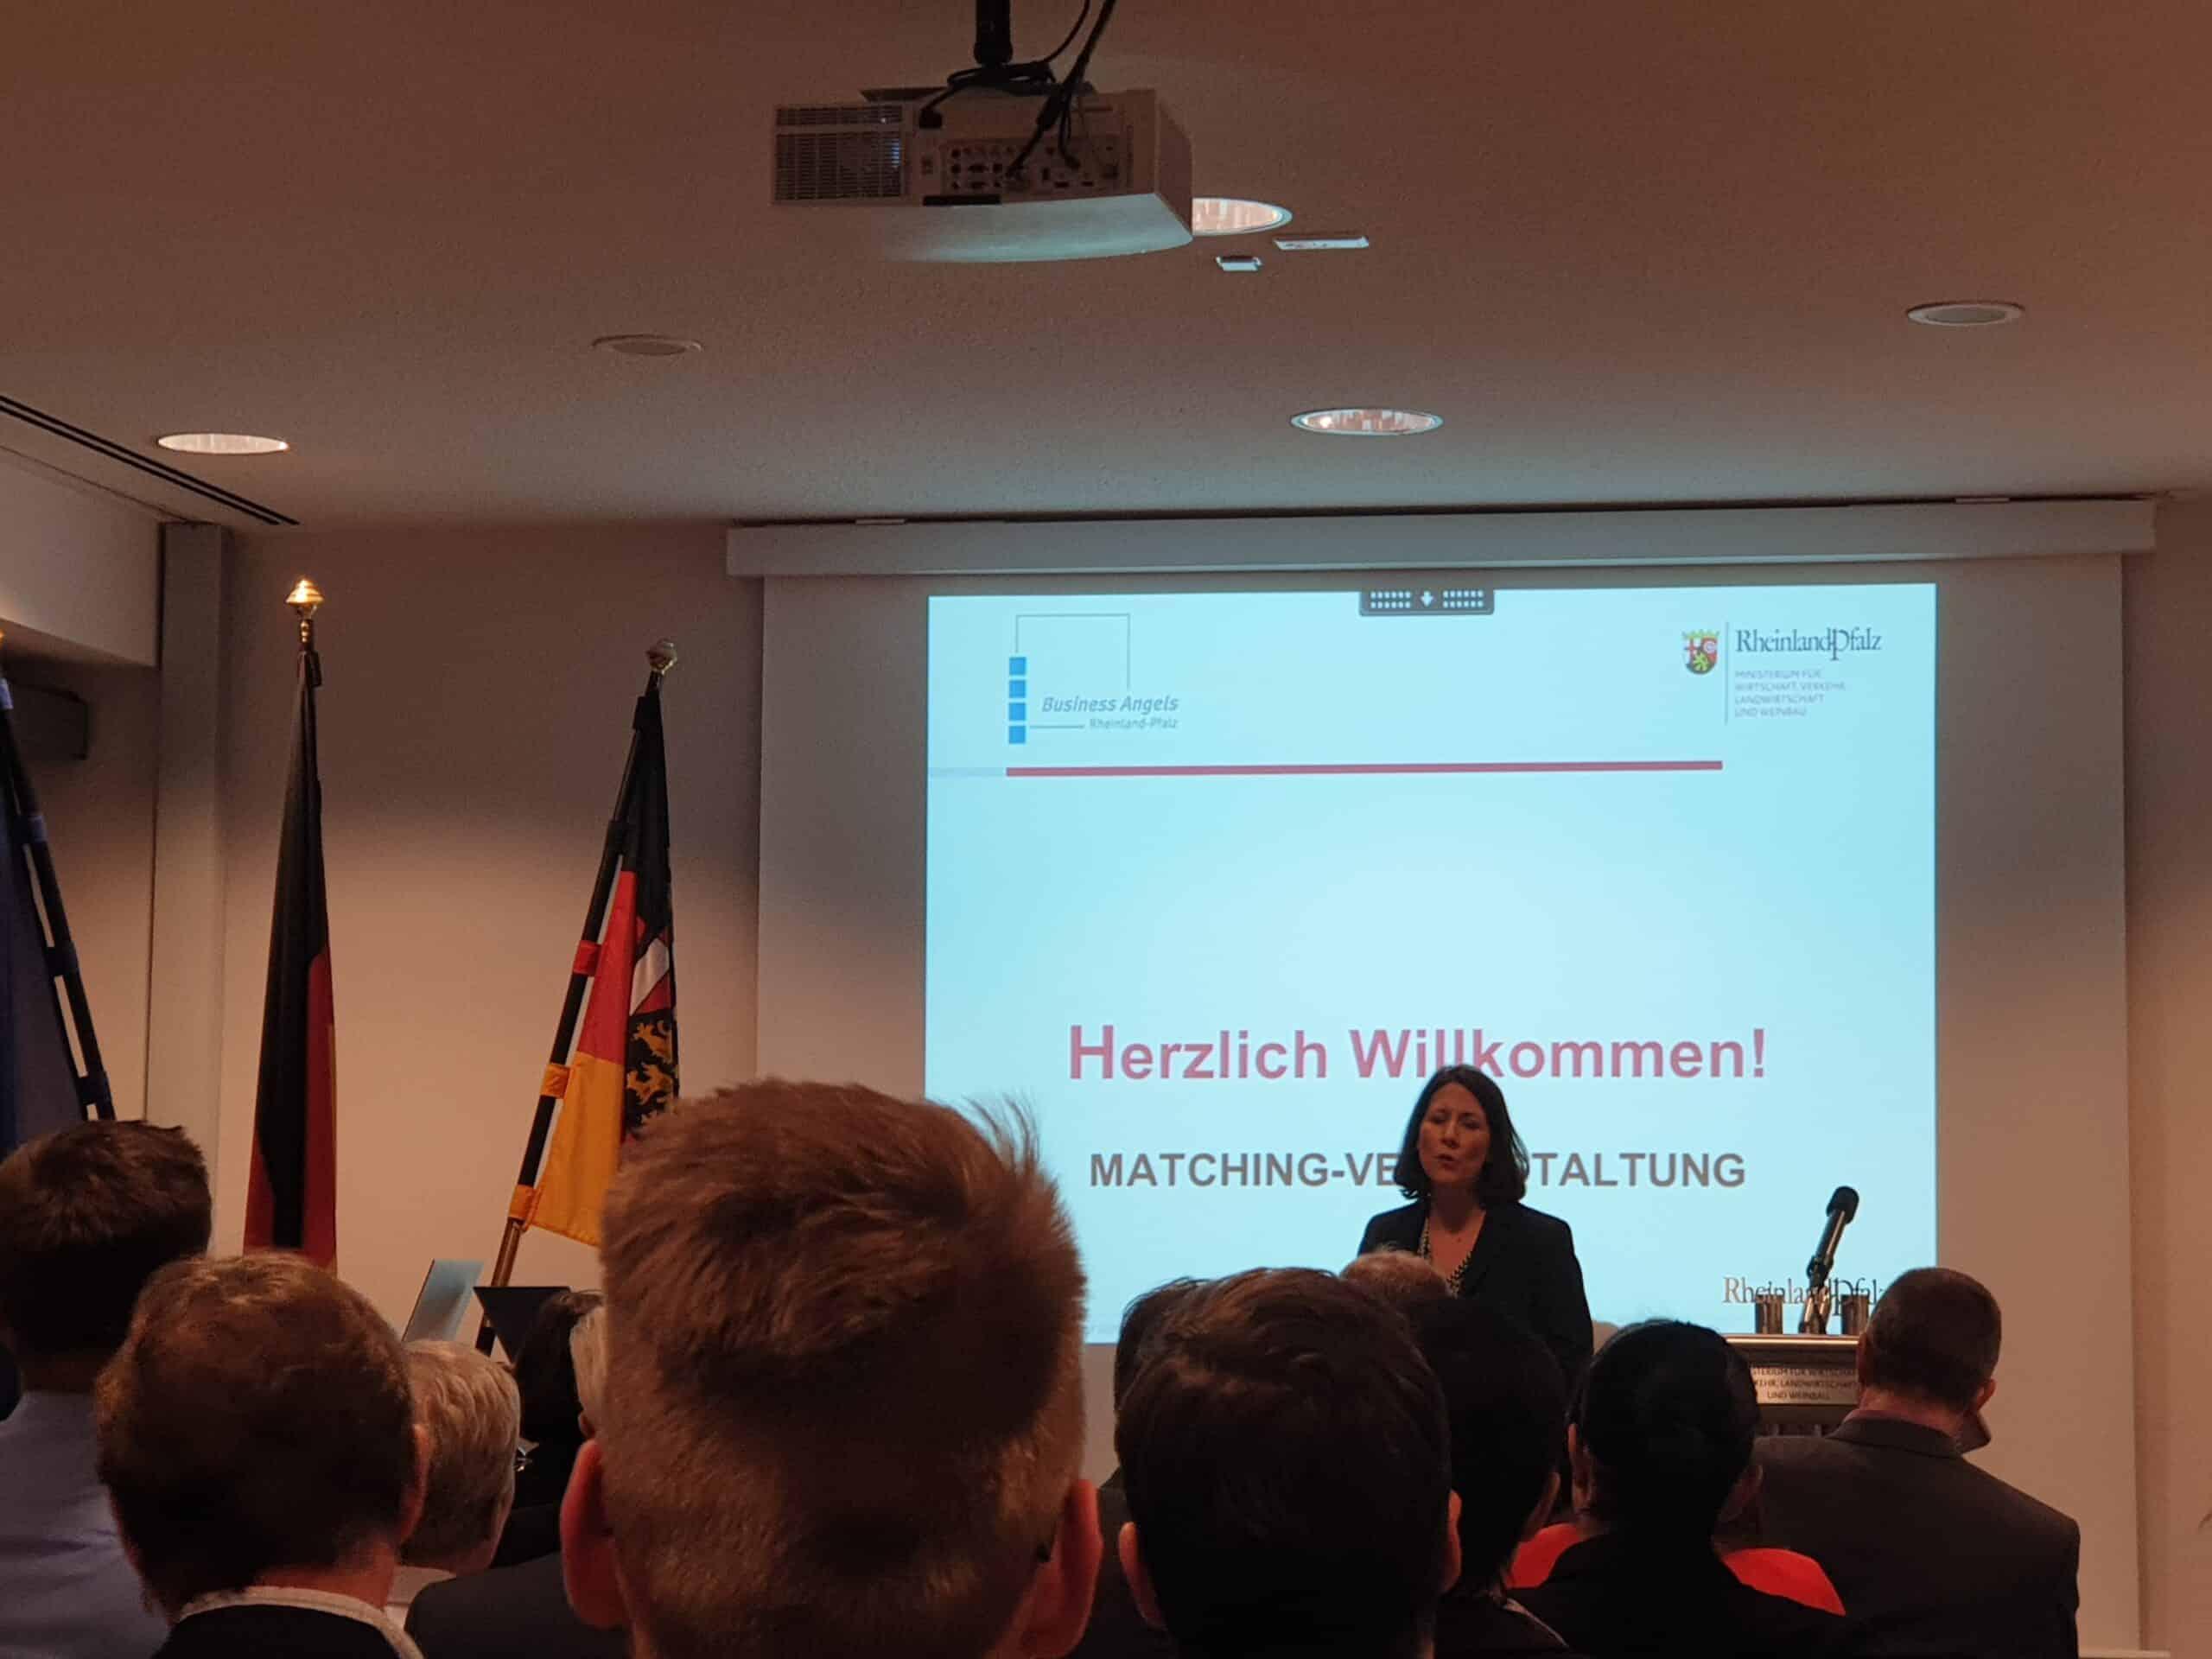 Business Angels Veranstaltung im Wirtschaftsministerium Mainz